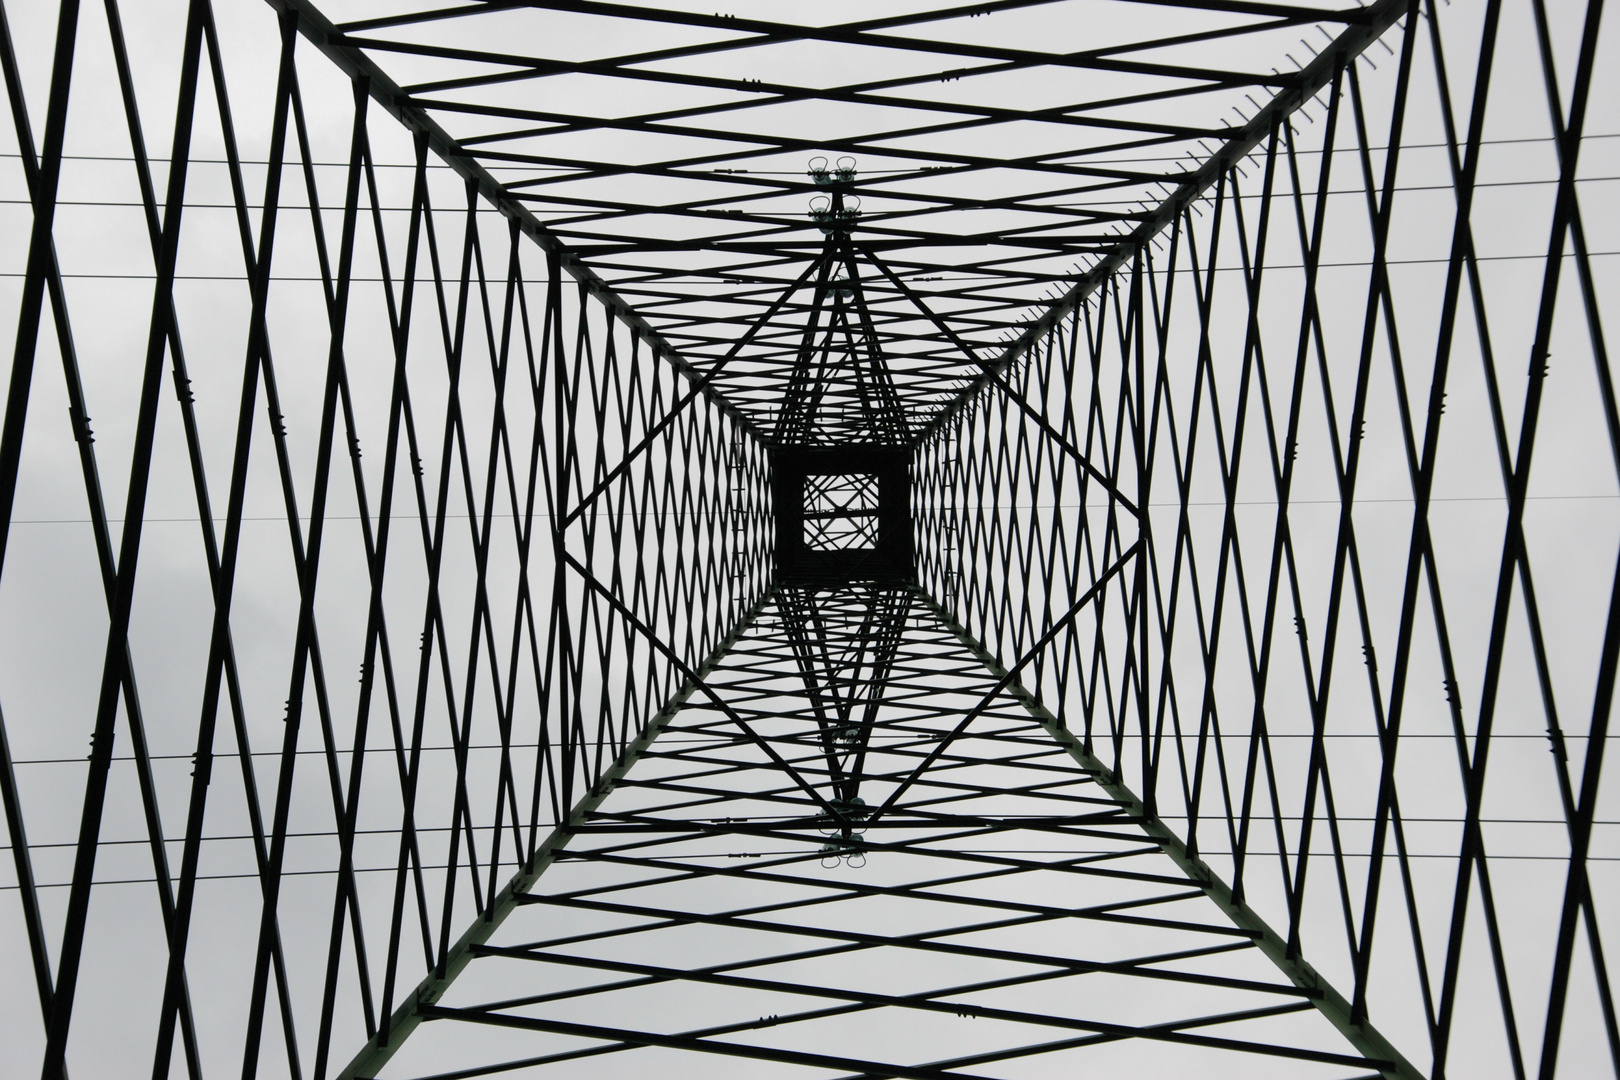 Geometrie Elettriche Foto % Immagini| architetture, architetture moderne,  soggetti Foto su fotocommunity